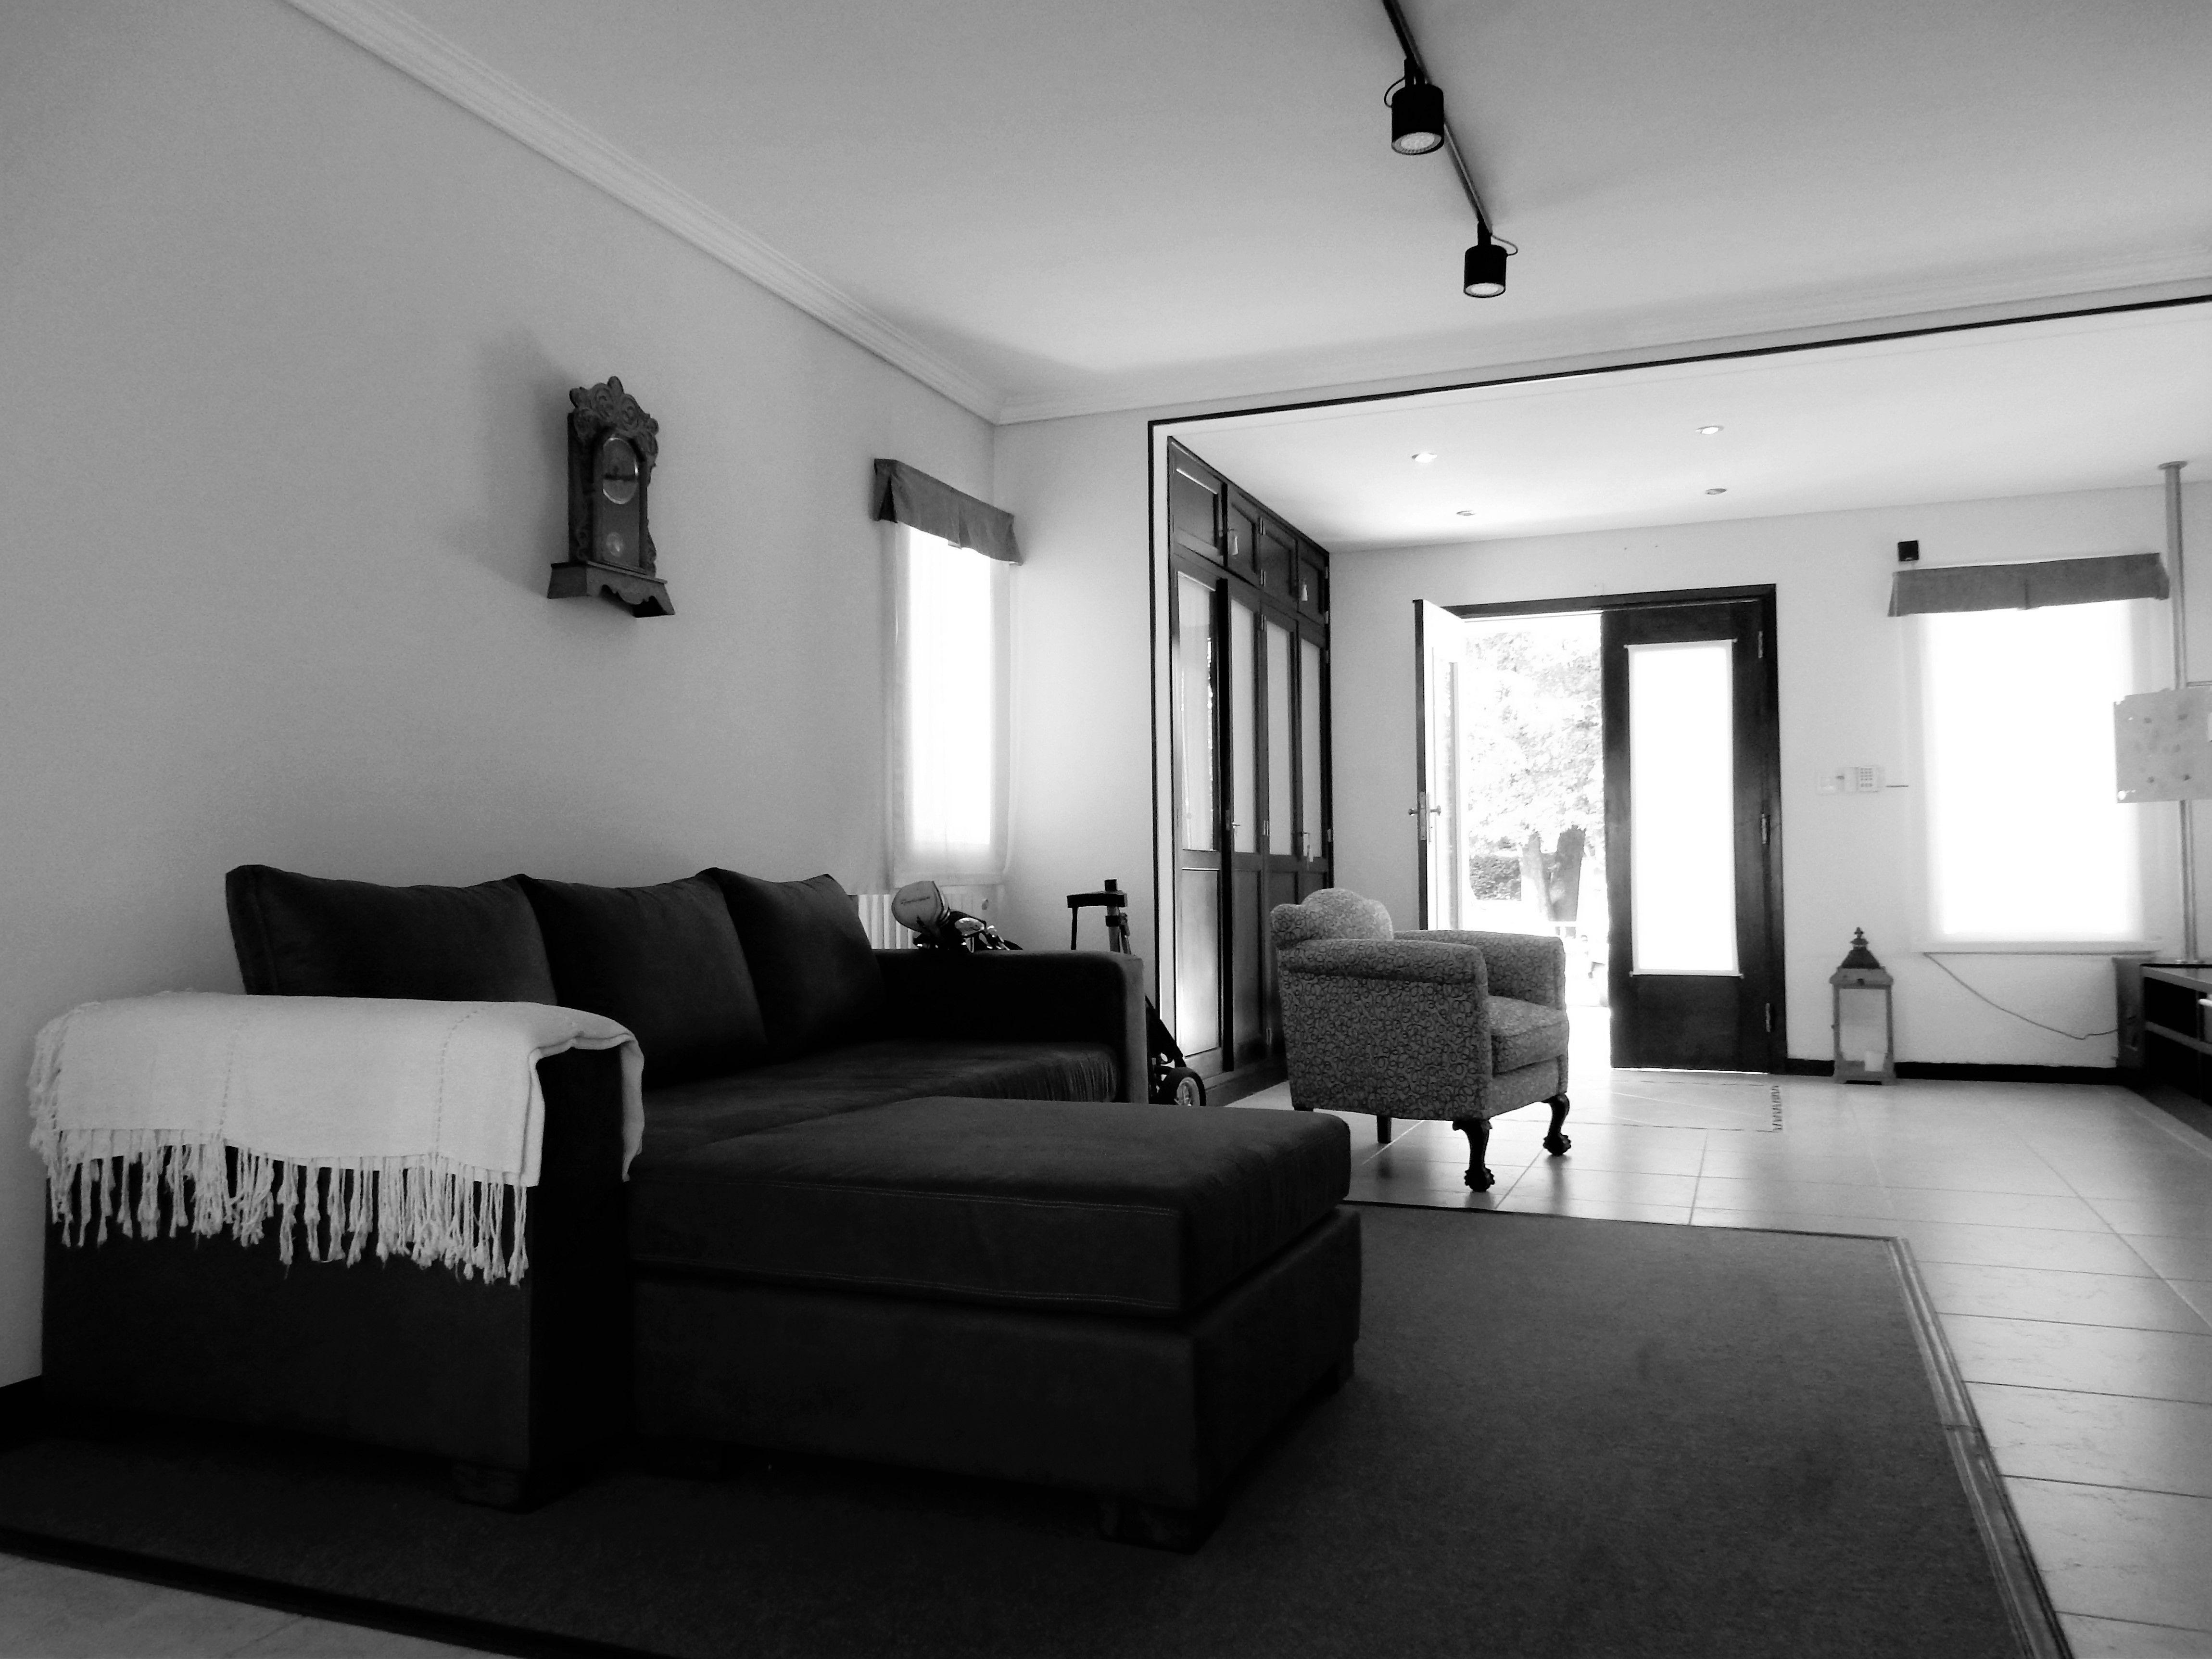 Living moderno con hogar casa quinta parque leloir for Casa quinta minimalista